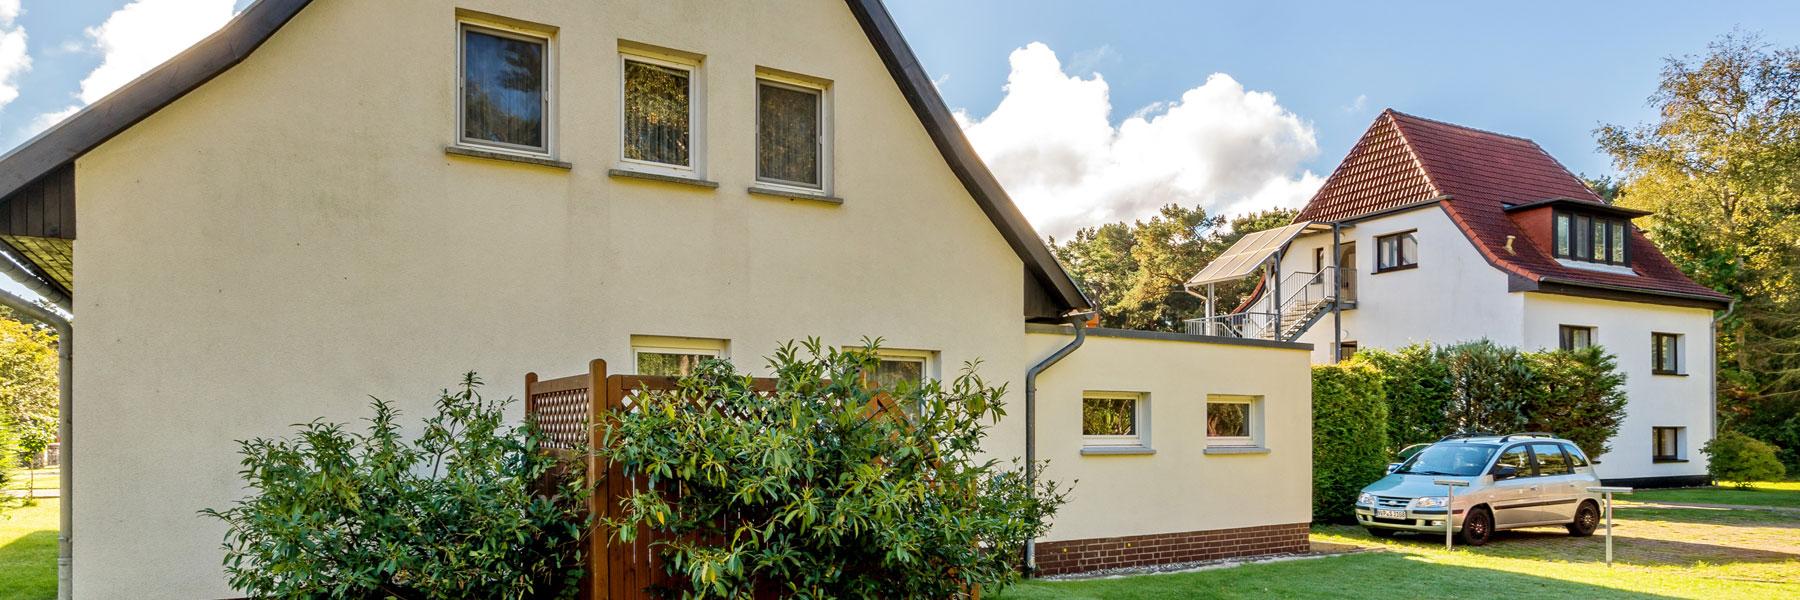 Wohnanlage - Ferienwohnungen Waldesruh Dierhagen